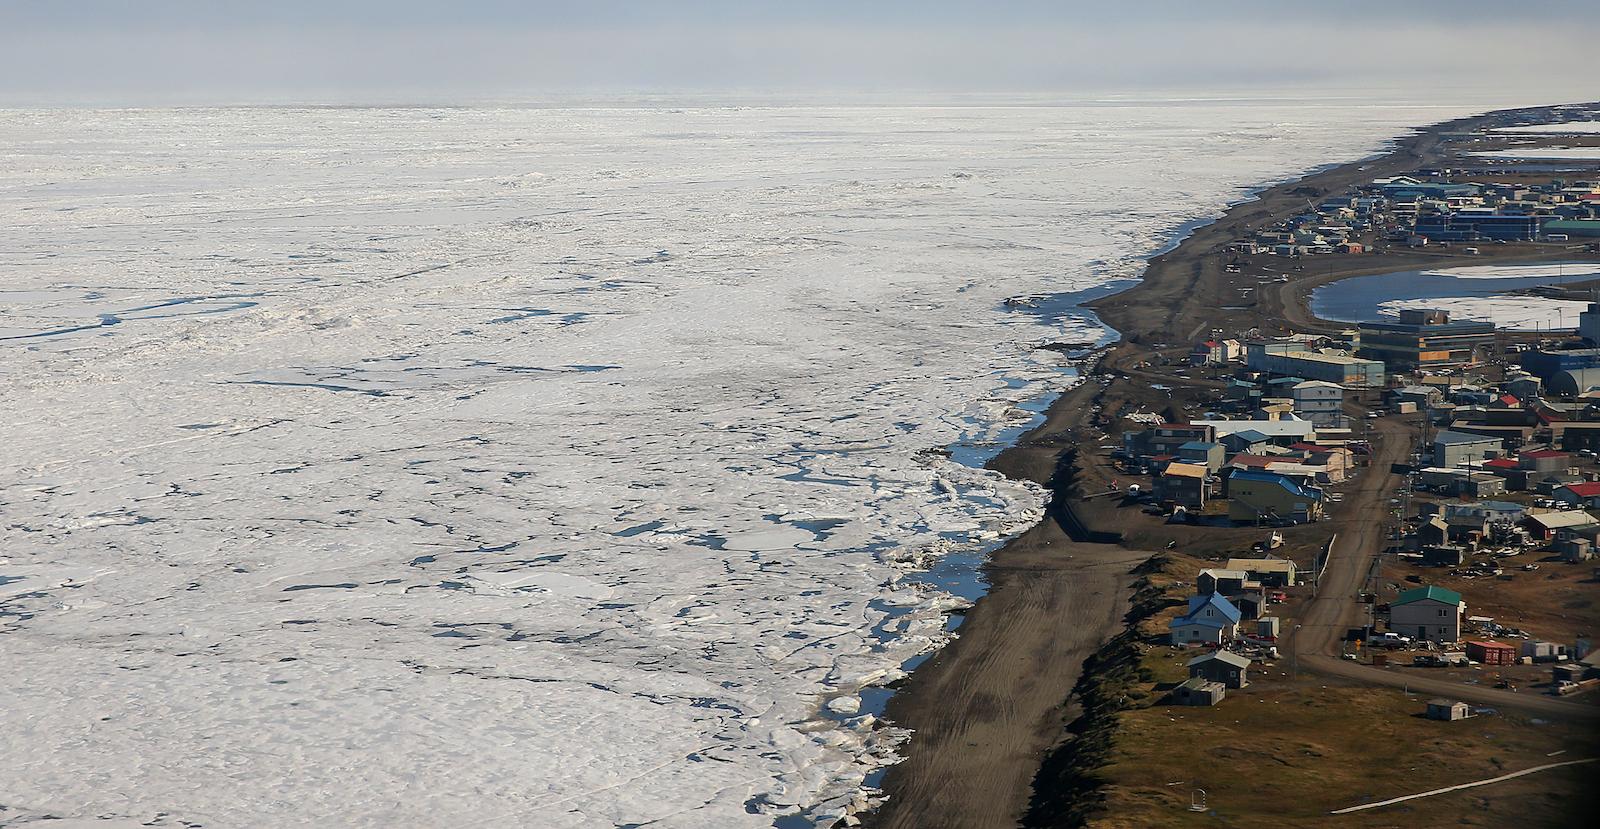 Barrow, AK ice